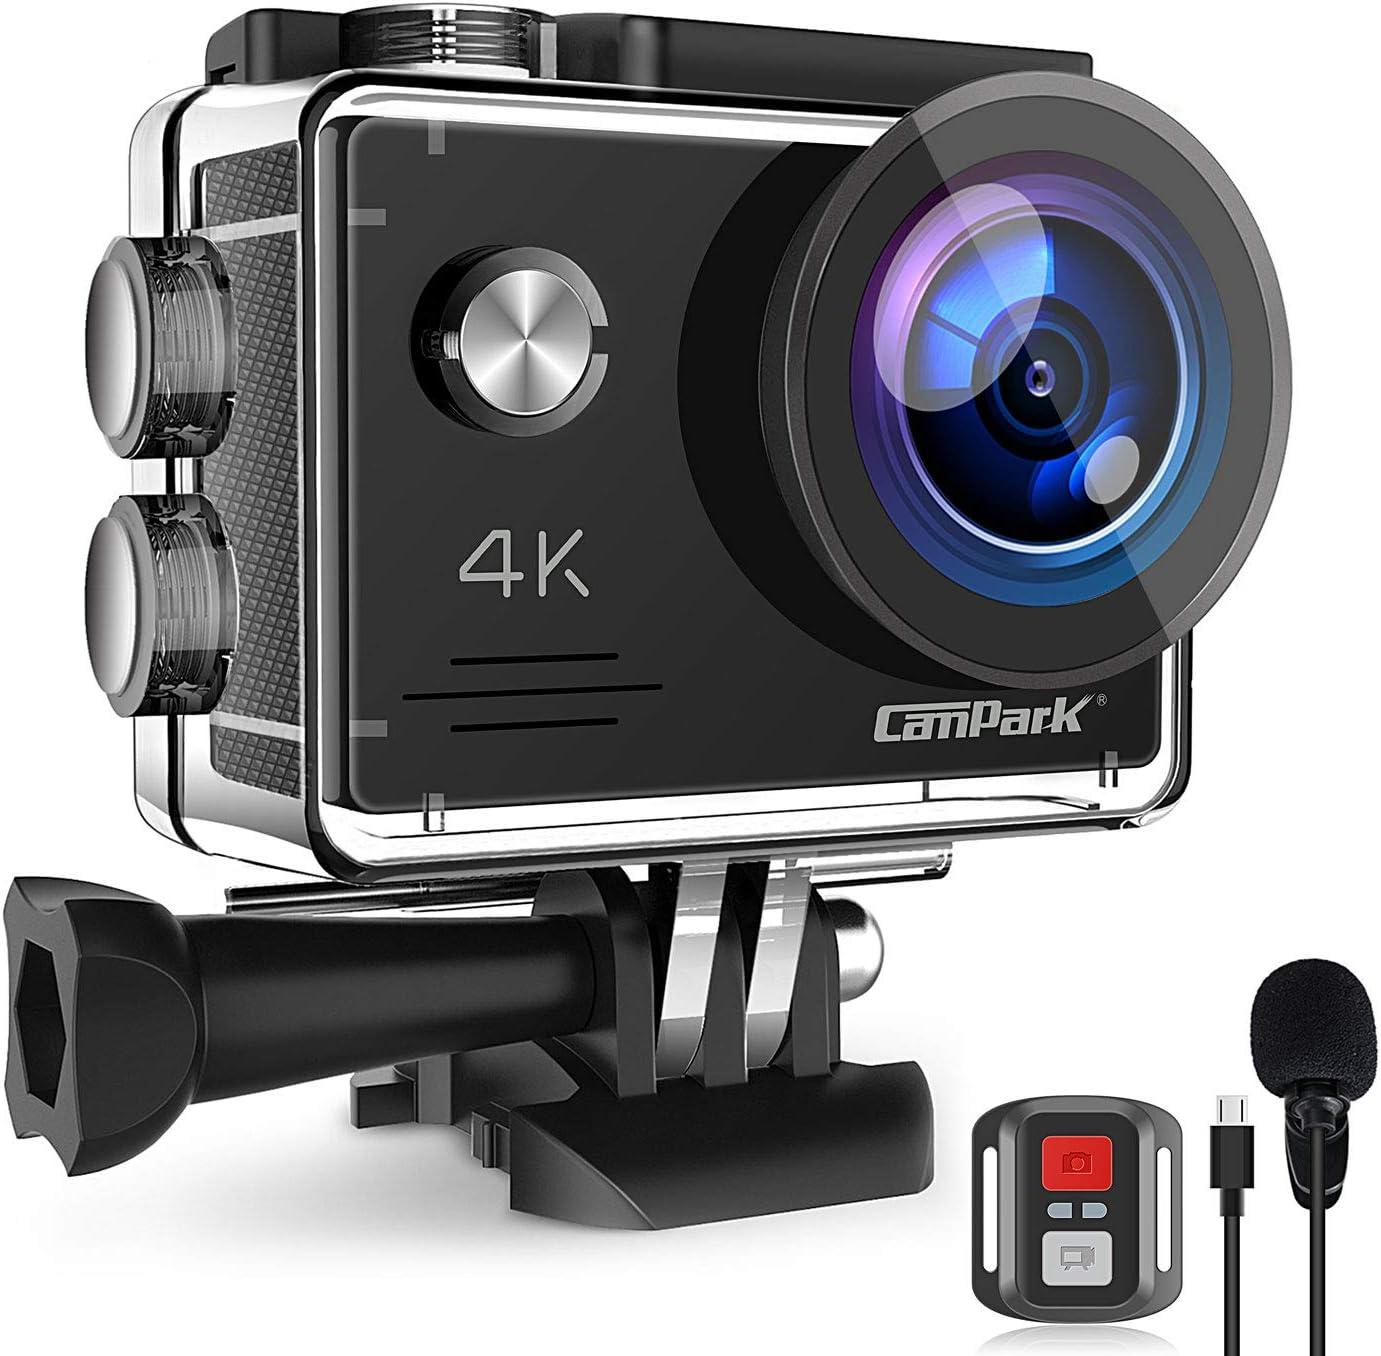 Campark X5 Cámara Deportiva 4K Wi-Fi 20MP (Cámara de Accion Acuatica de 40M con Micrófono Externo y Control Remoto, Funciones Anti-Shaking y Time Lapse): Amazon.es: Electrónica